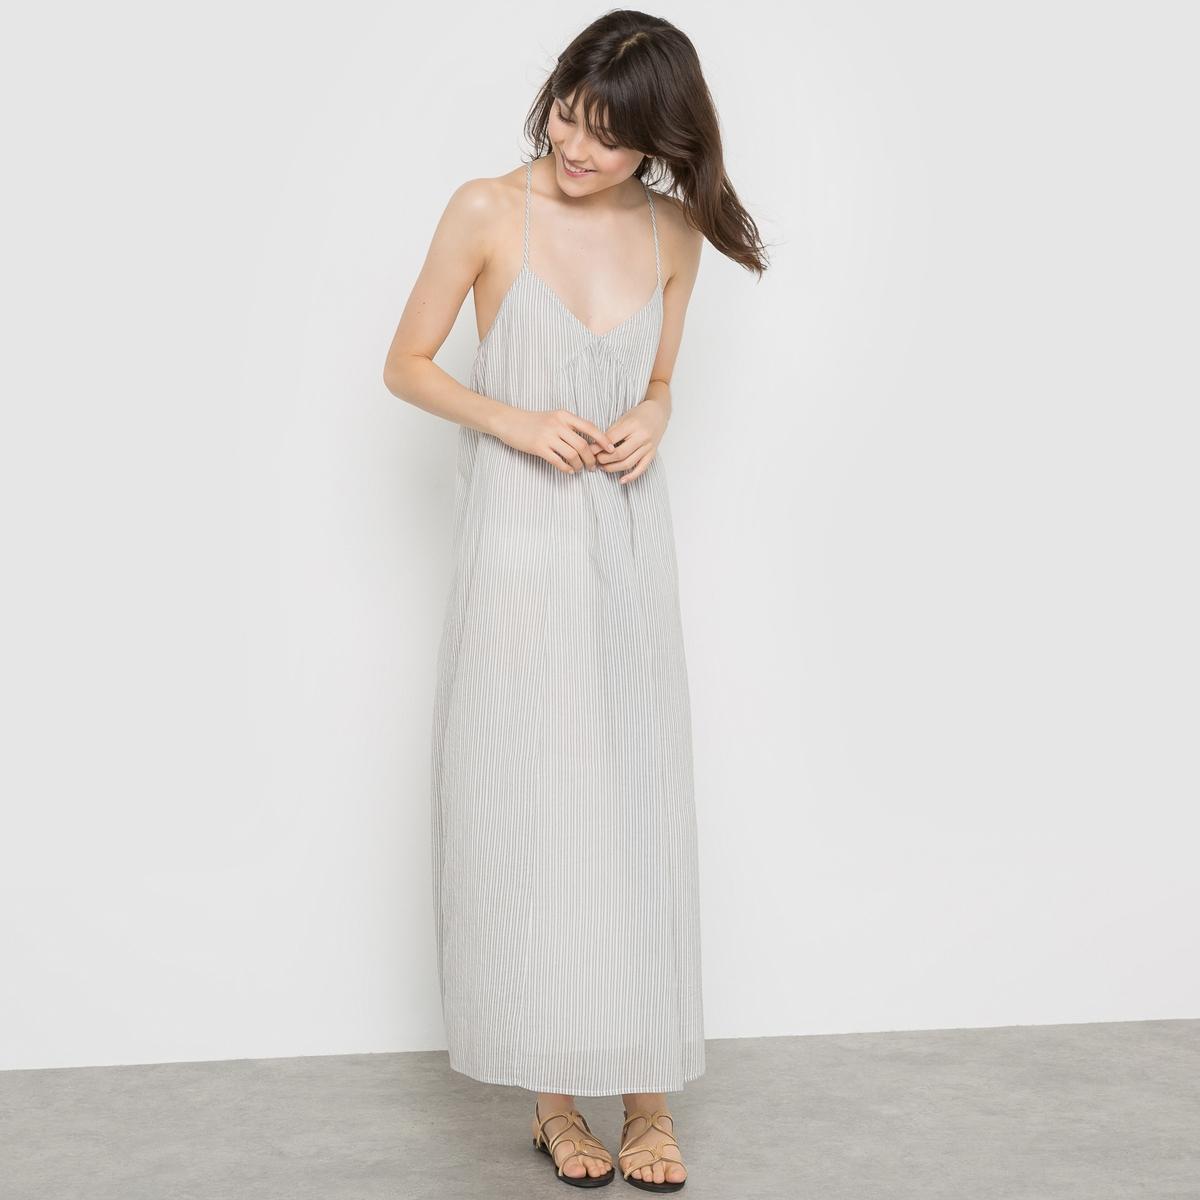 Платье длинное из хлопкаДлинное платье на тонких бретелях, открытая спина . Эластичная спинка. Складки под грудью. Длина ок.115 см.                    Состав и описание           Материал 100%  хлопка          Подкладка  100% хлопка           Marque R  ESSENTIELS          Уход          стирать при 30°C.<br><br>Цвет: в полоску<br>Размер: 36 (FR) - 42 (RUS)